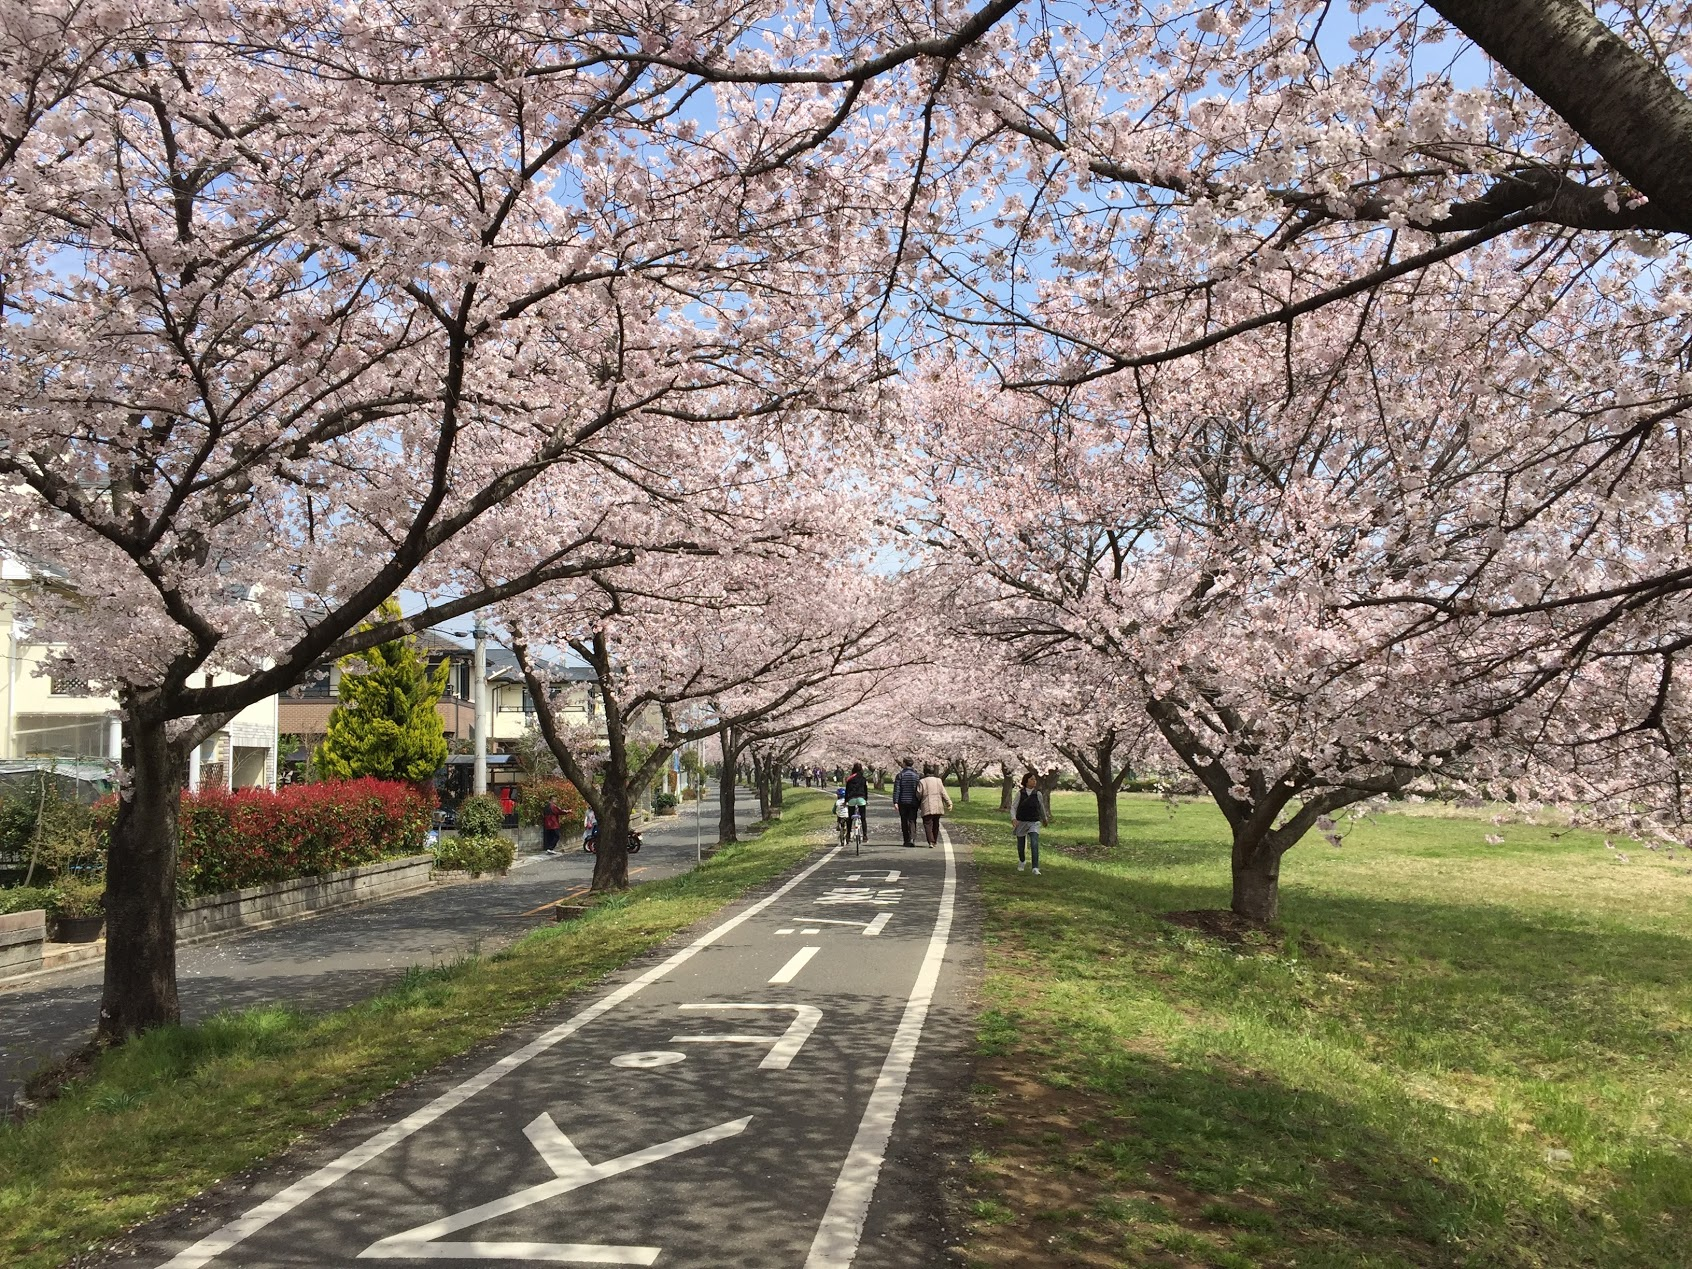 2016桜のトンネル柏原